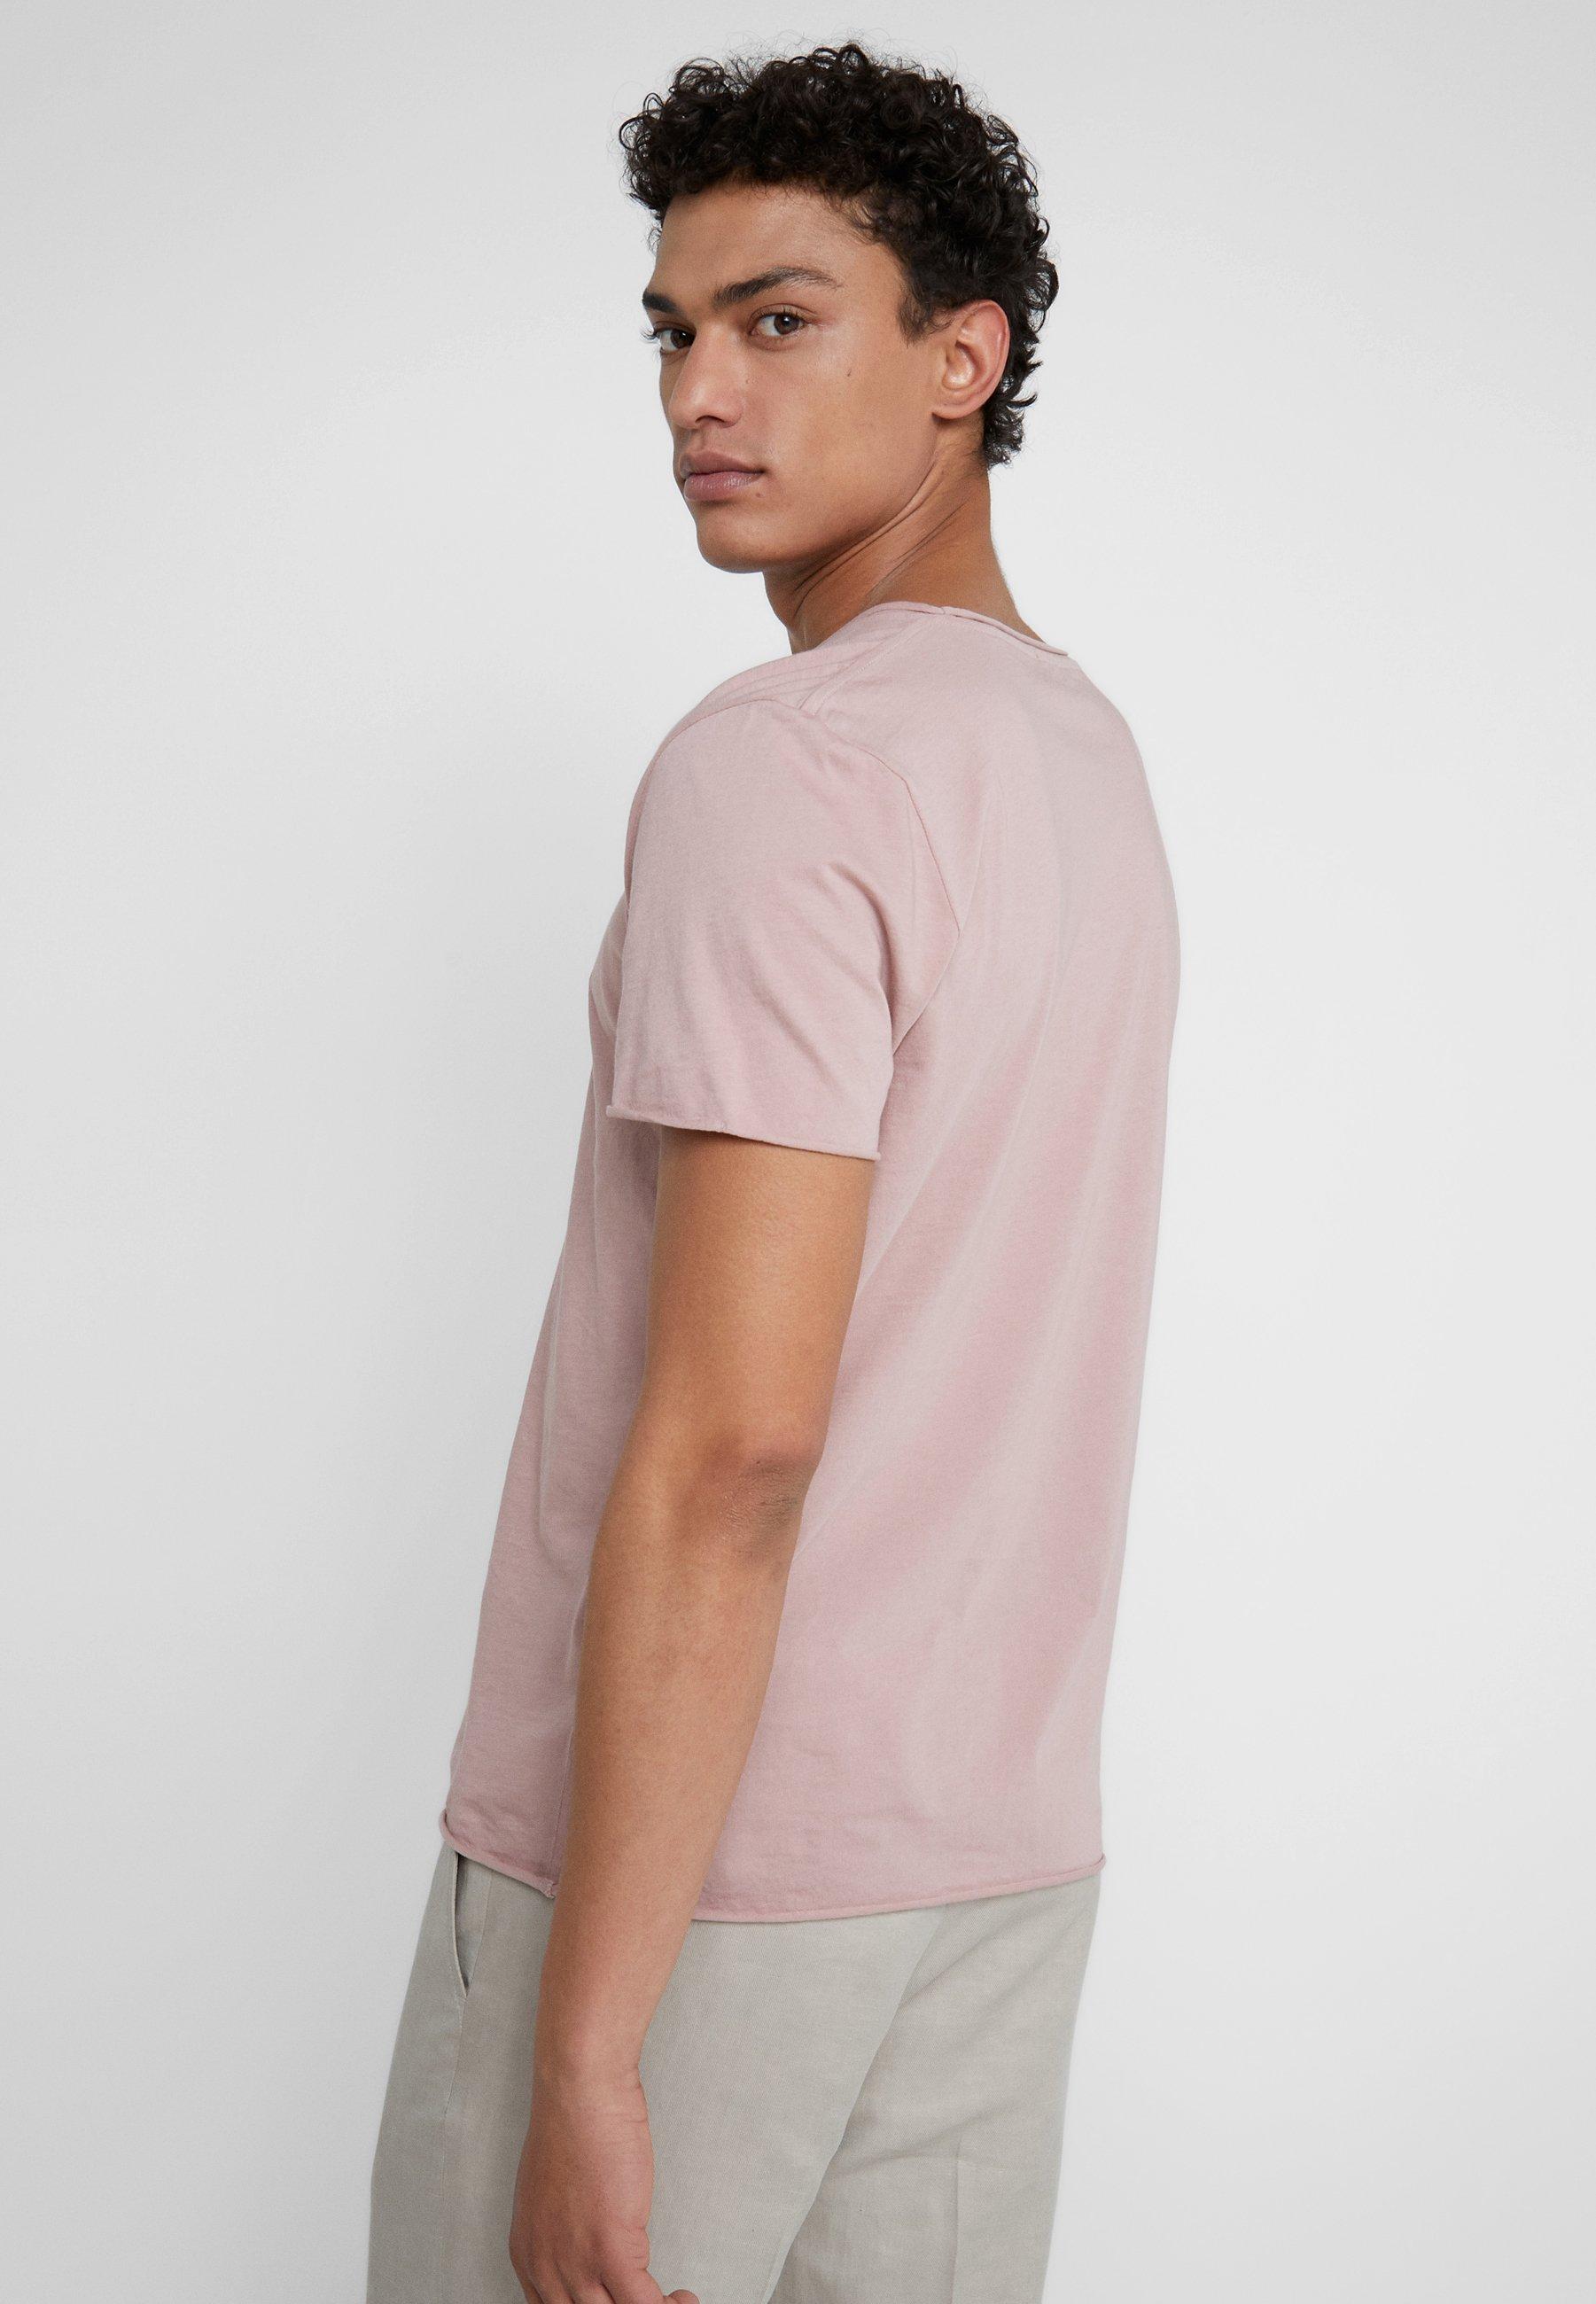 K TeeT Neck Filippa shirt Basique Roll Melrose DH29IeWEY